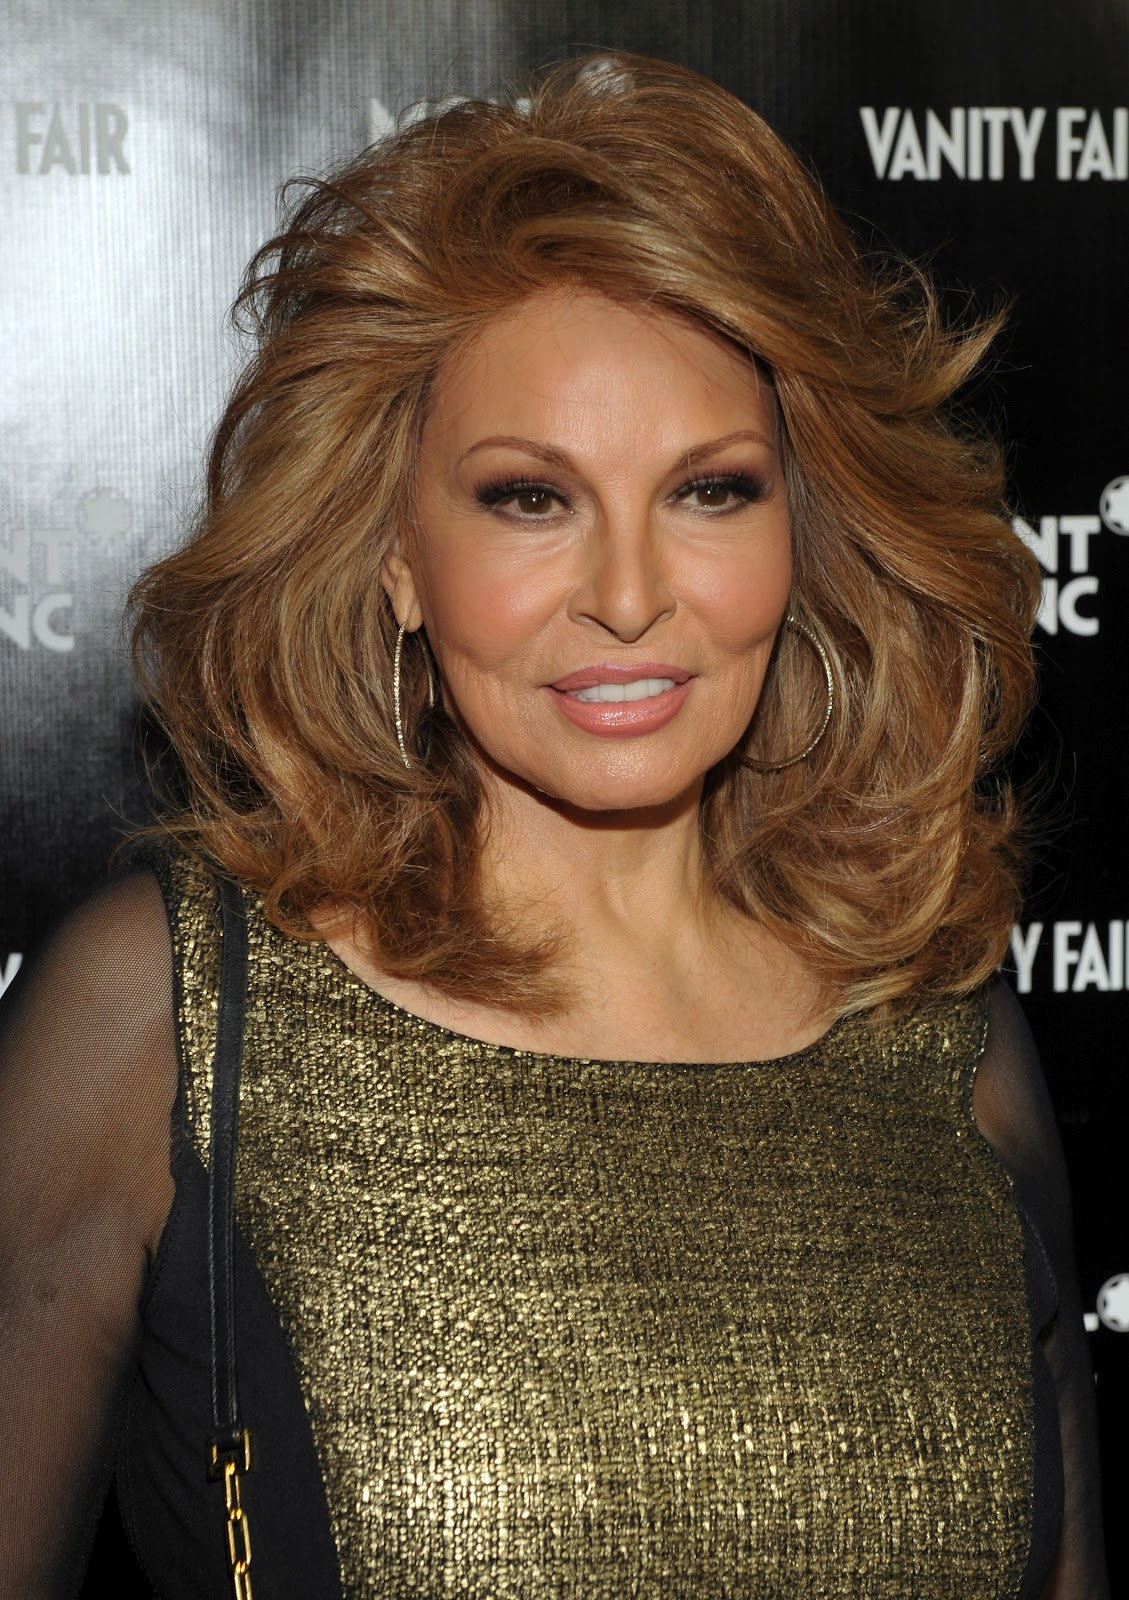 http://4.bp.blogspot.com/-OsCwqMvptxQ/T1uM6klJIjI/AAAAAAAAAEo/CdXzDP5ih0g/s1600/Raquel+Welch+2012+gold+dress.jpg#raquel%20welch%202012%201129x1600